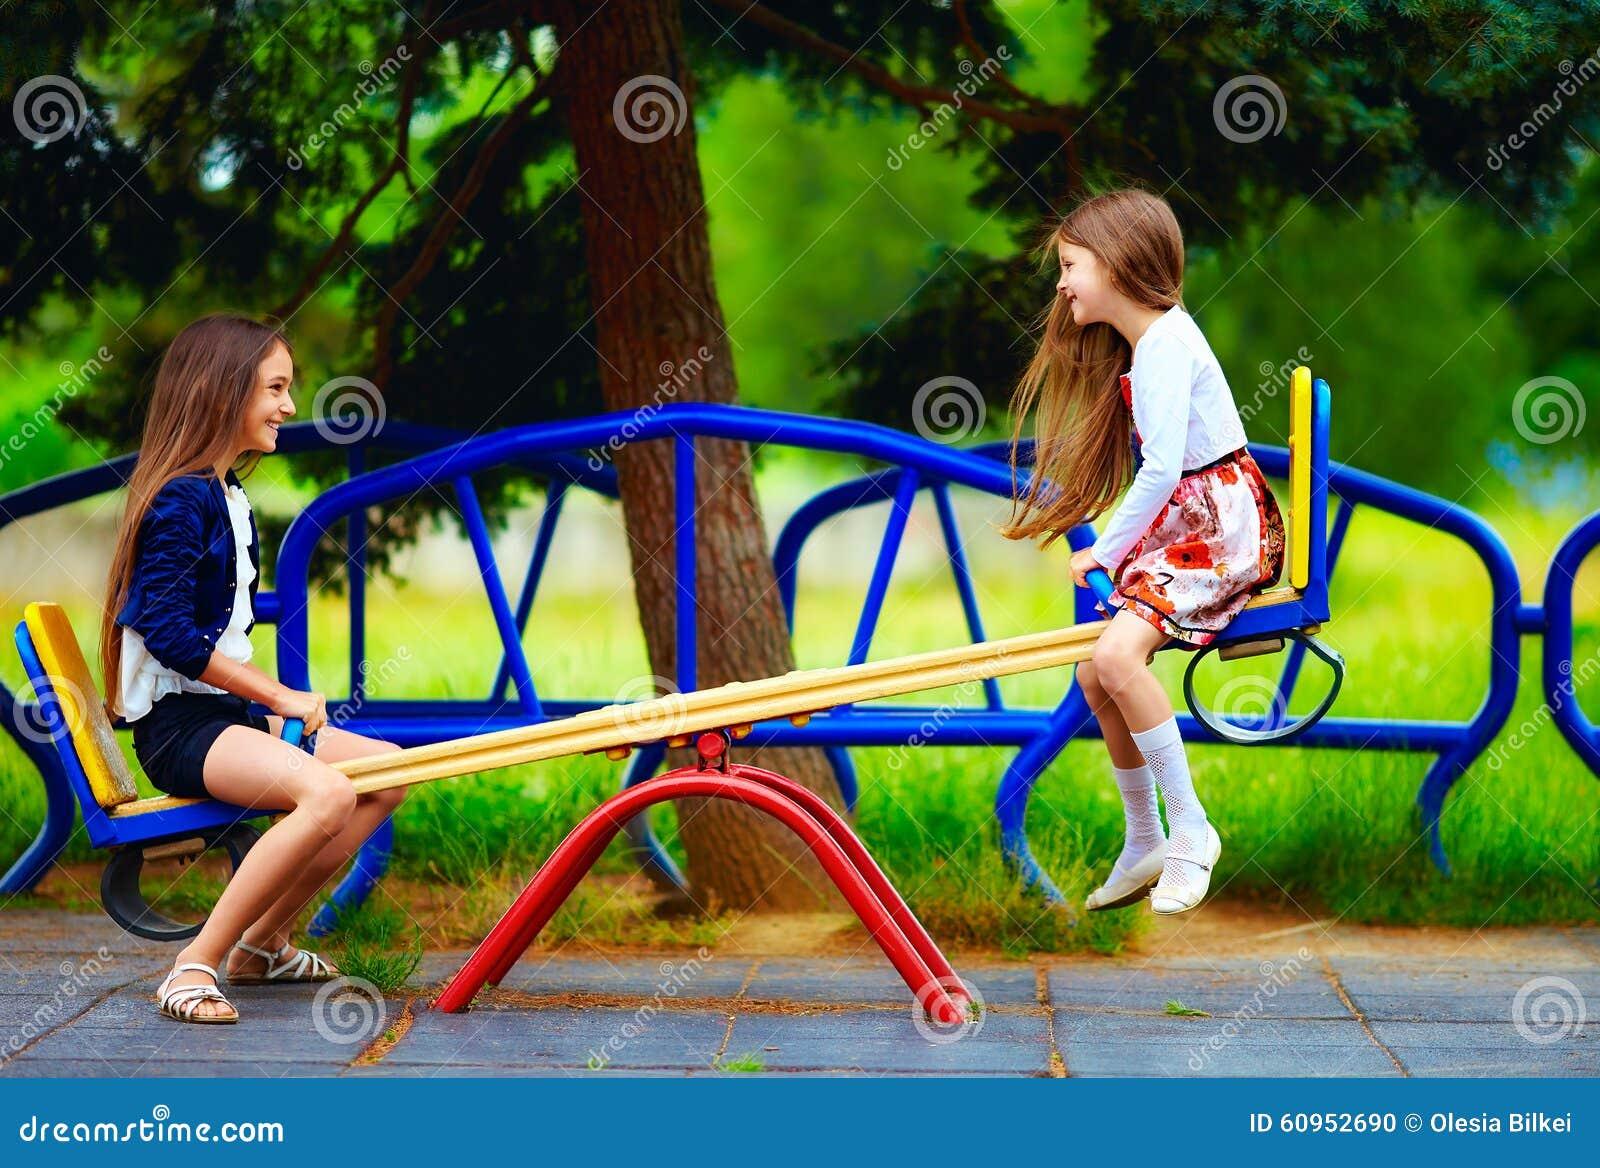 2 cute teens having fun on webcam 4